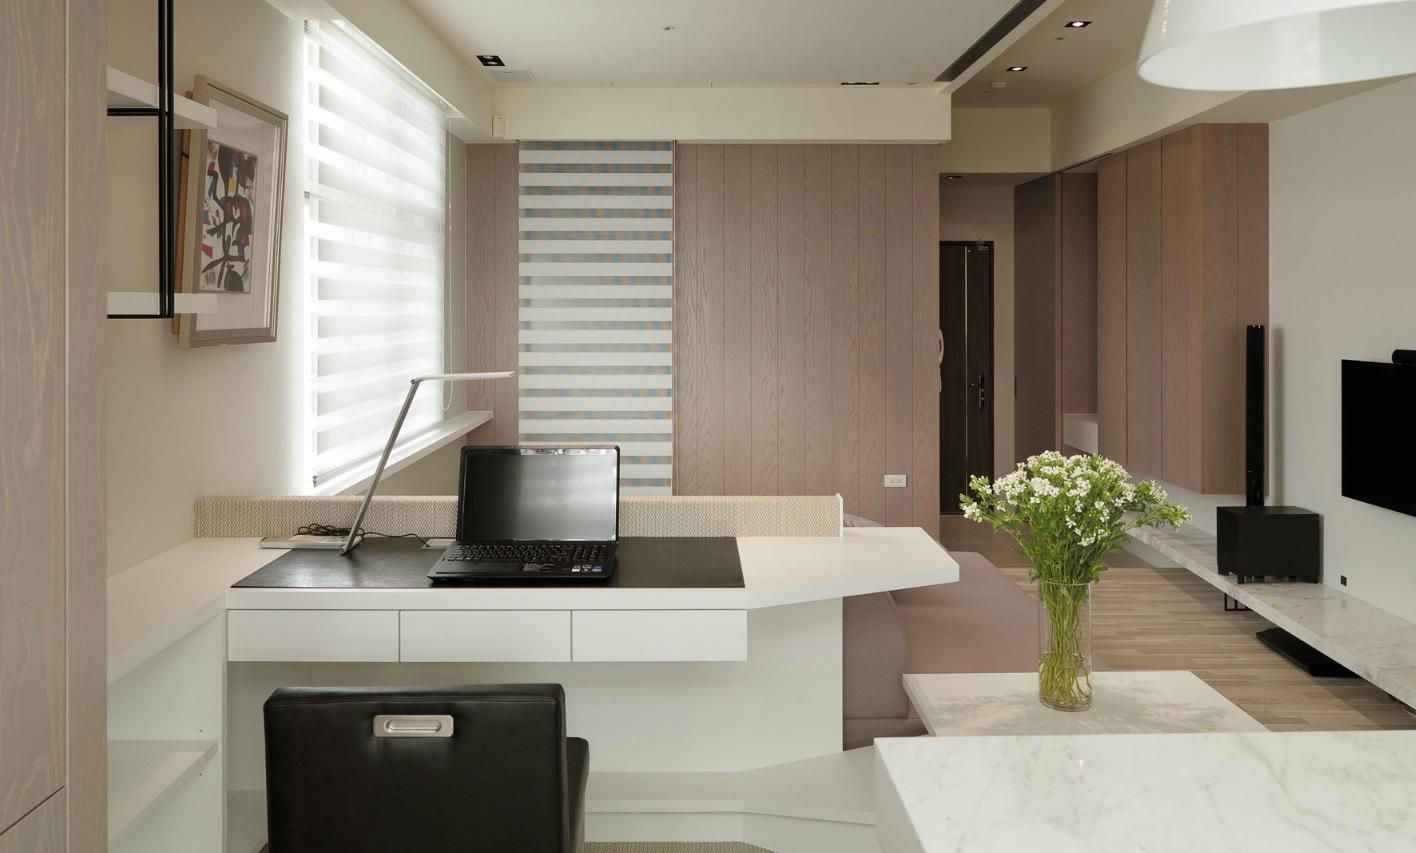 Домашний офис в маленькой однокомнатной квартире